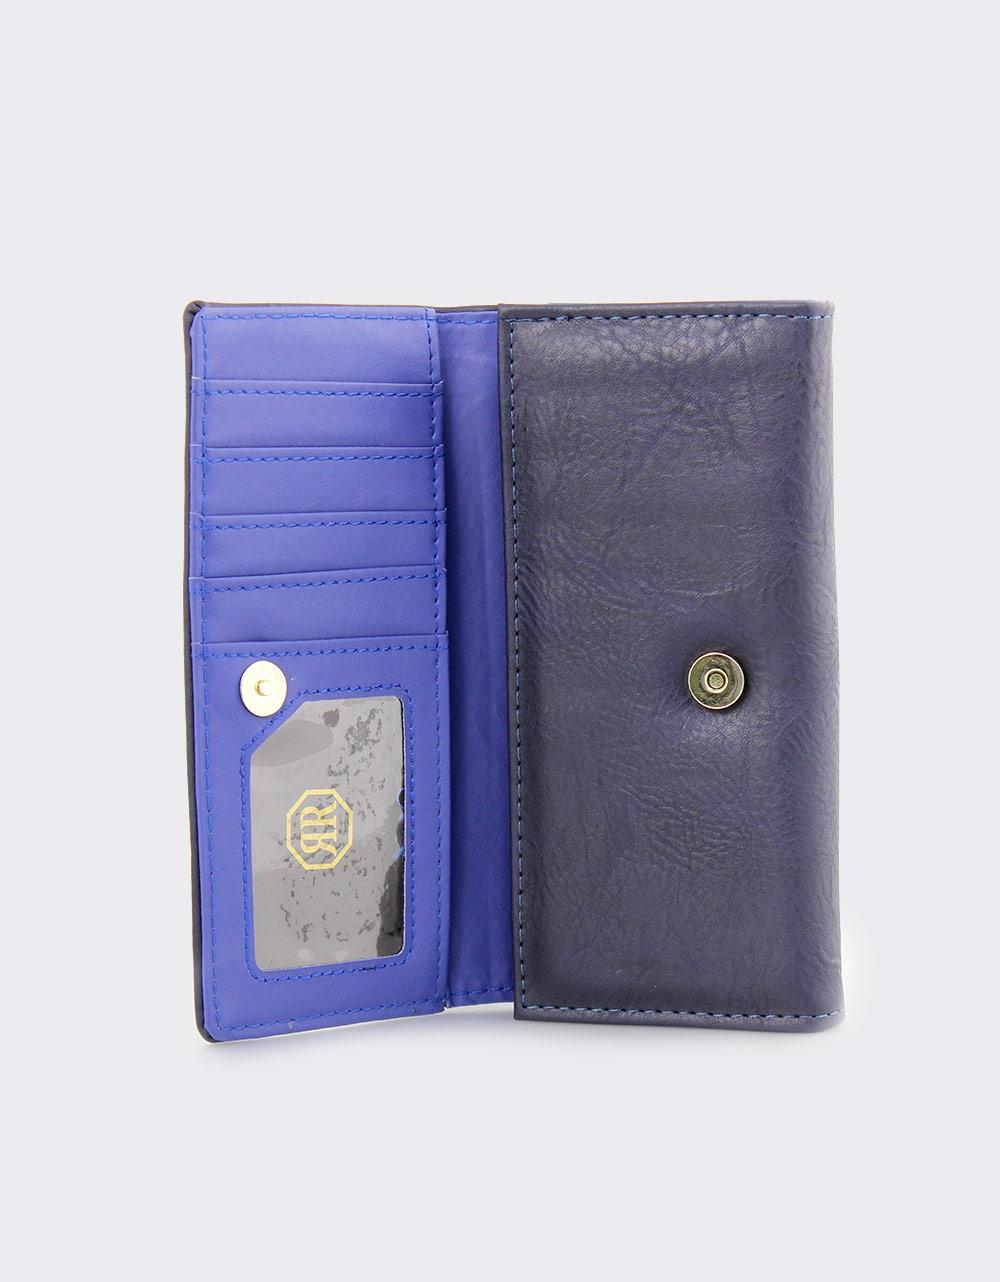 Εικόνα από Γυναικεία πορτοφόλια με διακοσμητικό Navy